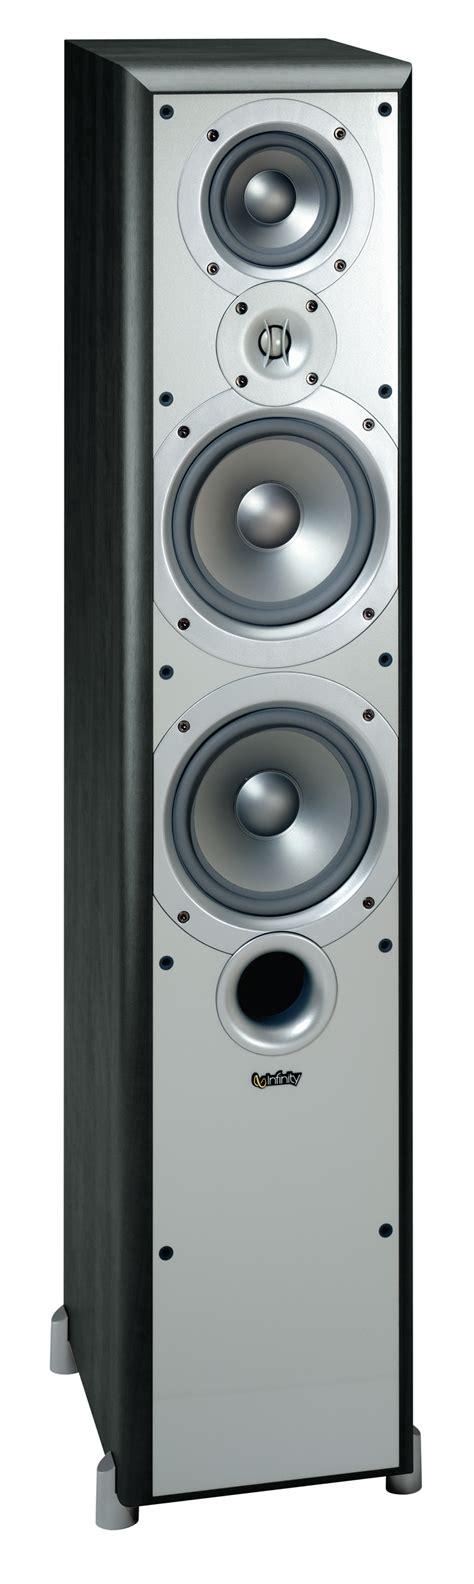 infinity 3 5 speakers infinity p362 3way dual 6 5 quot floorstanding loud speaker ebay